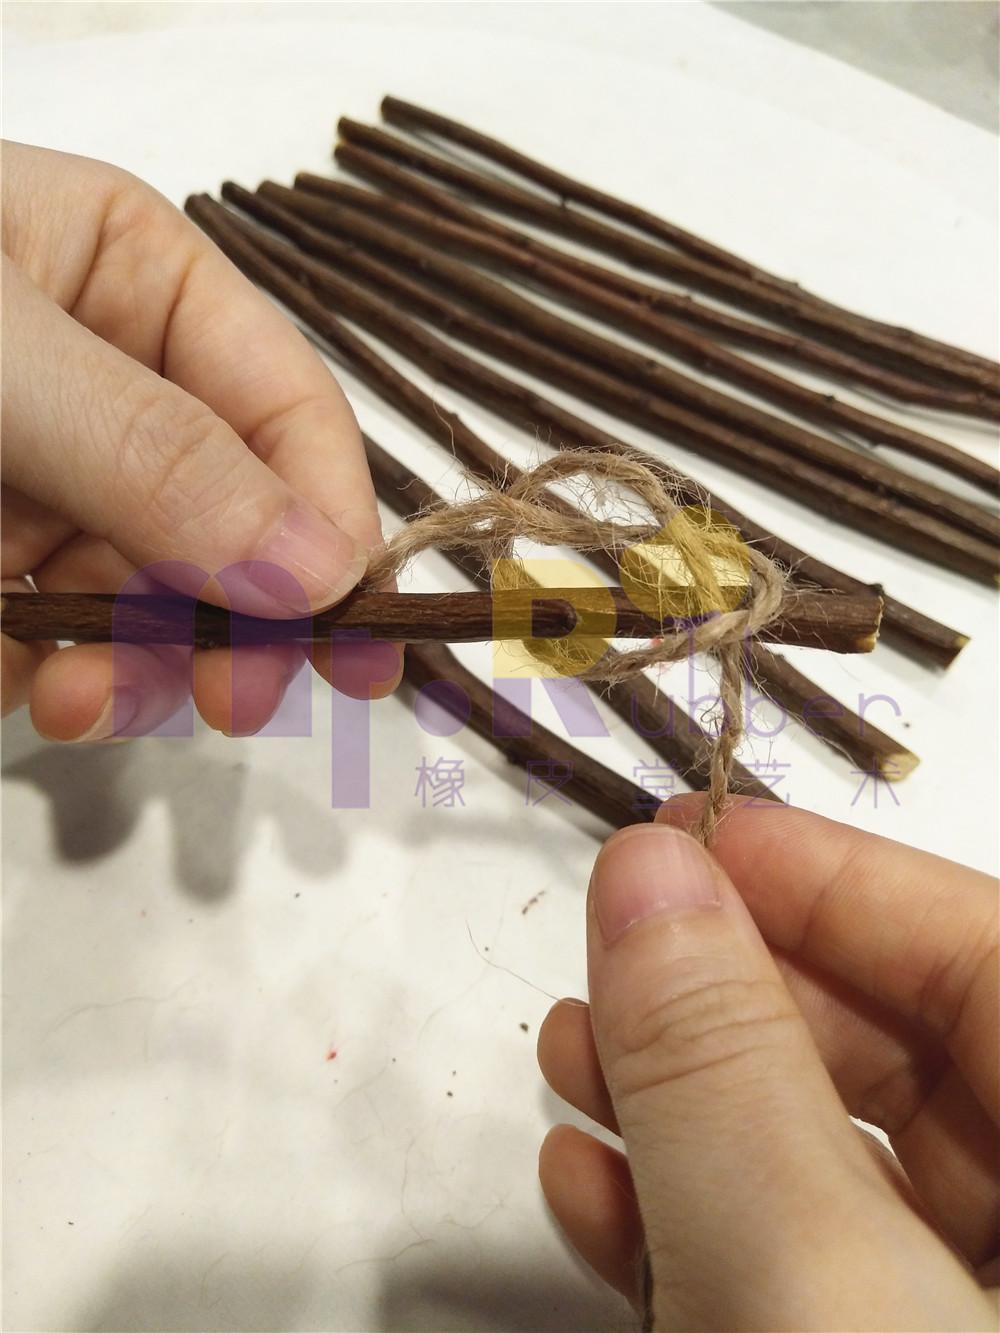 用麻绳将所有的树枝从一边开始绑到一起